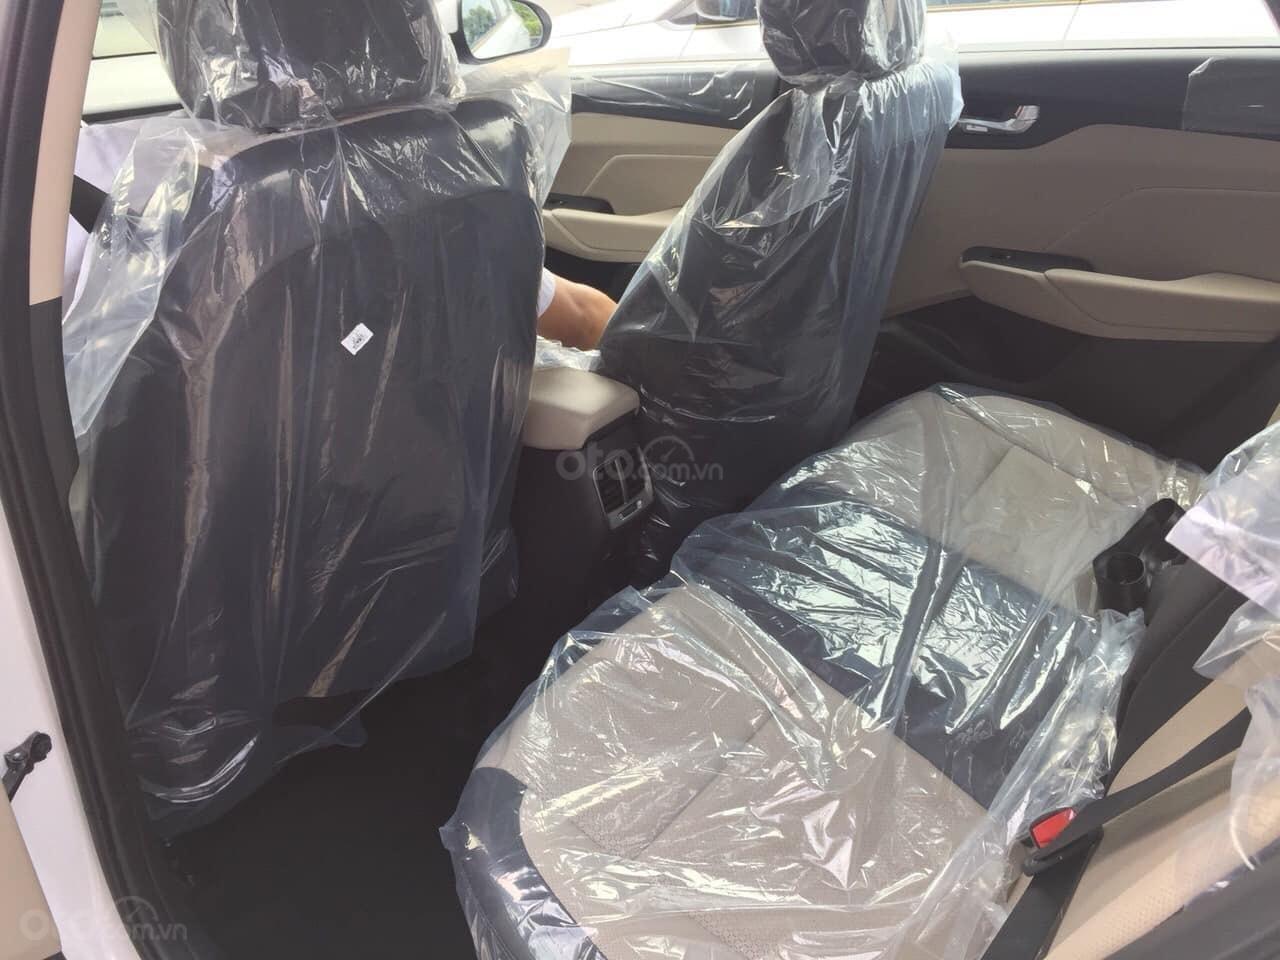 Bán Hyundai Accent 2020, giá từ 425tr, màu trắng, giao ngay - LH: 0919293553 (4)